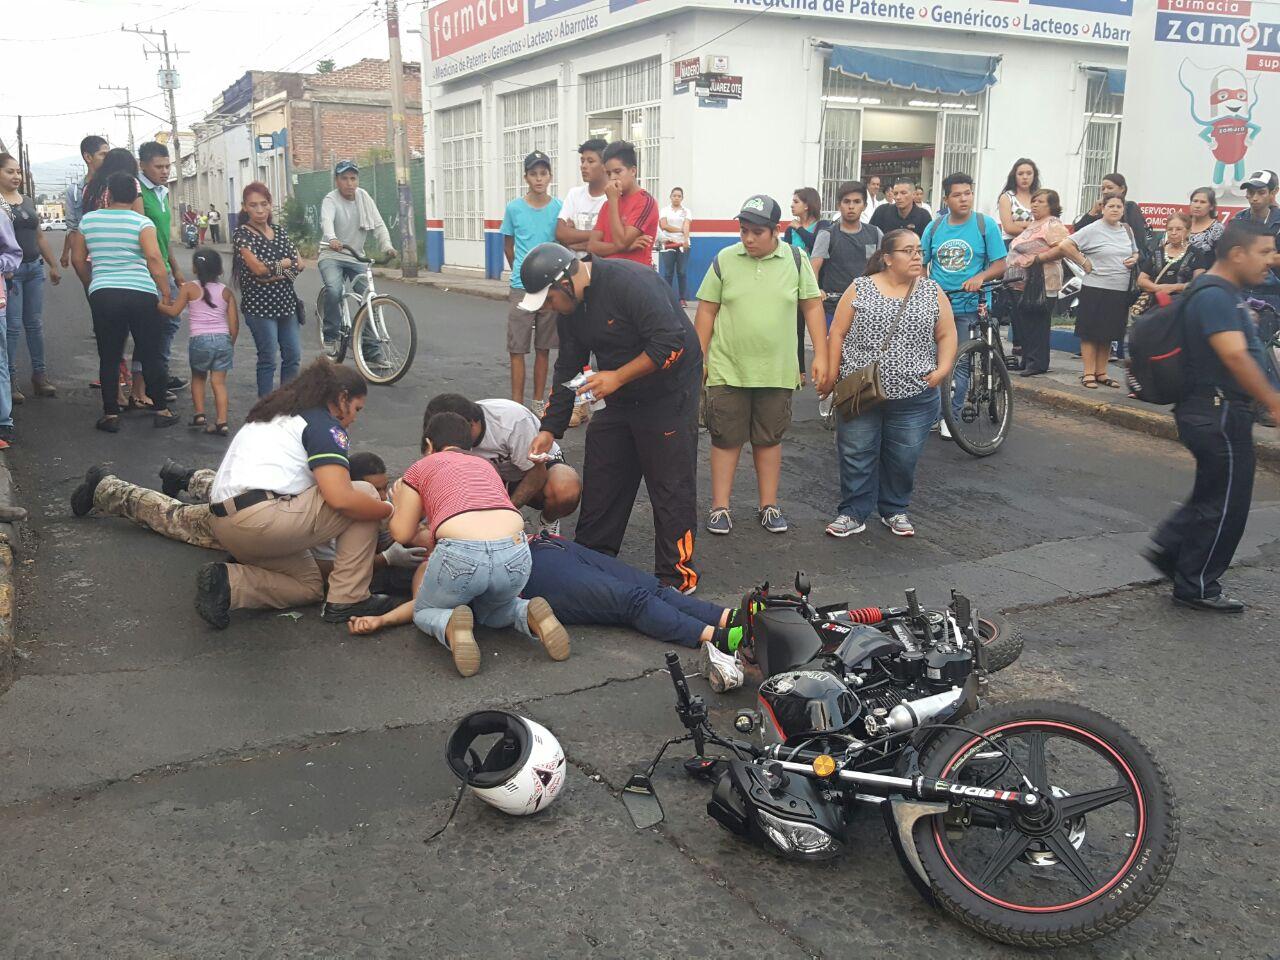 Camión urbano atropella a pareja; la mujer resulta lesionada en Zamora